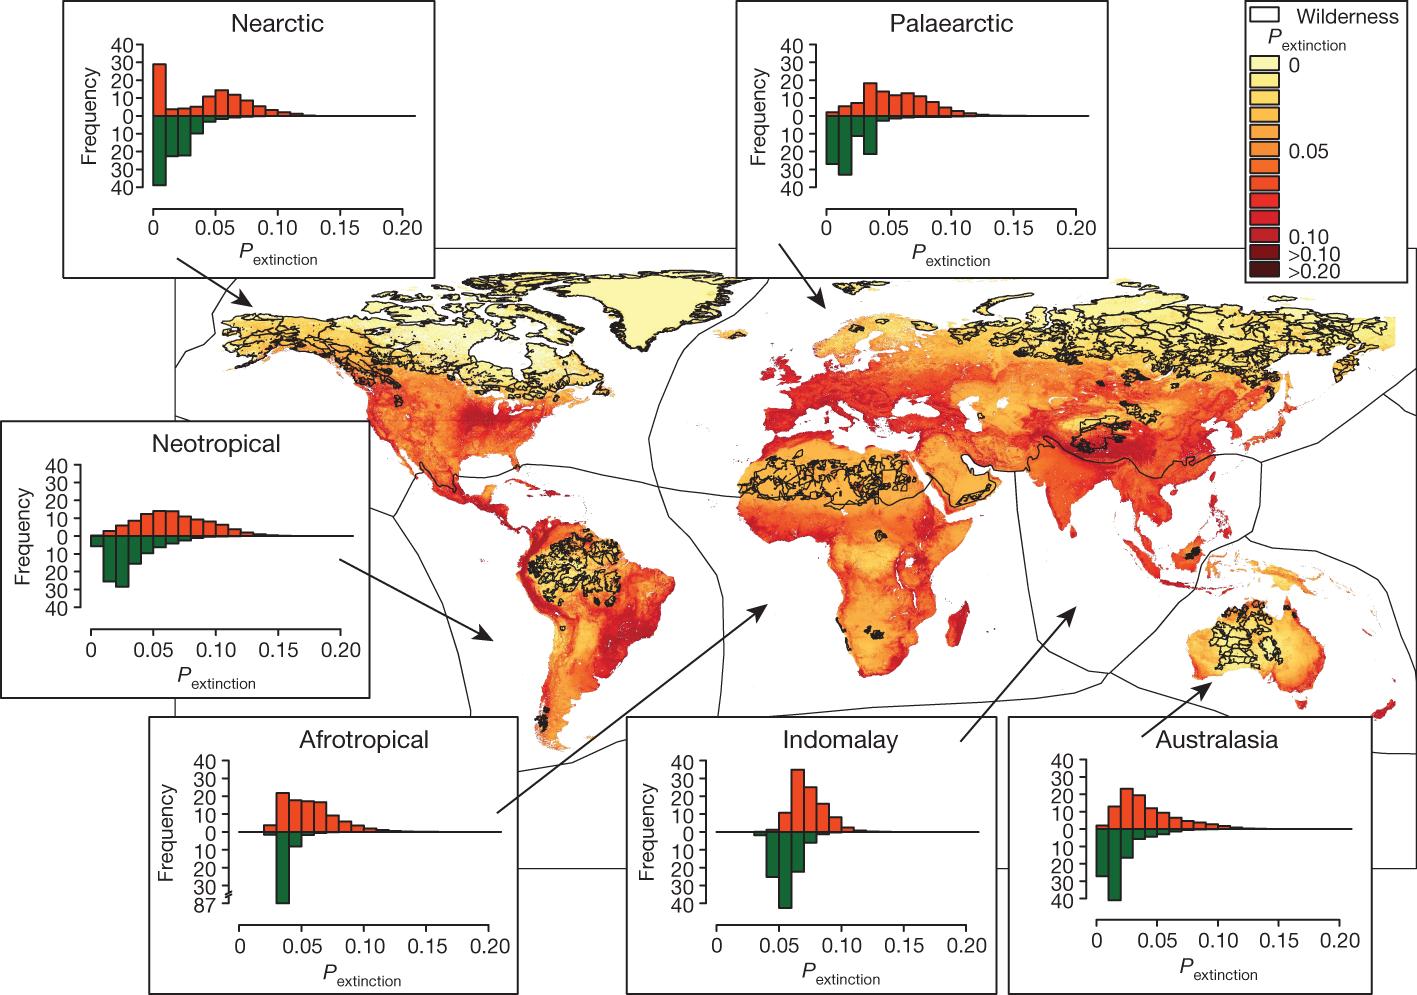 Wilderness areas halve the extinction risk of terrestrial biodiversity